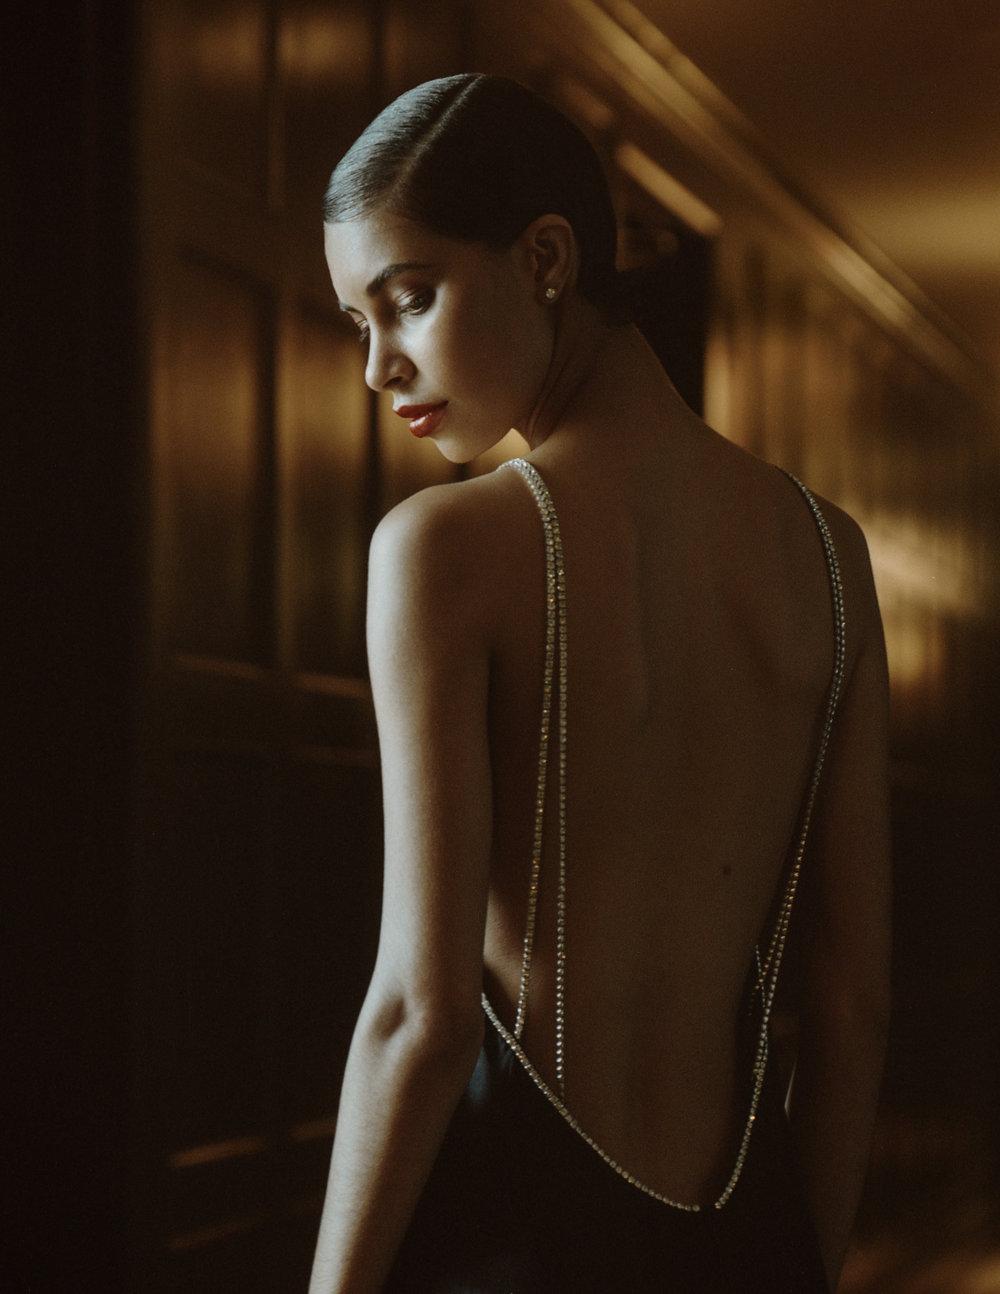 Vogue_Portugal_Oct_Beauty-9.jpg